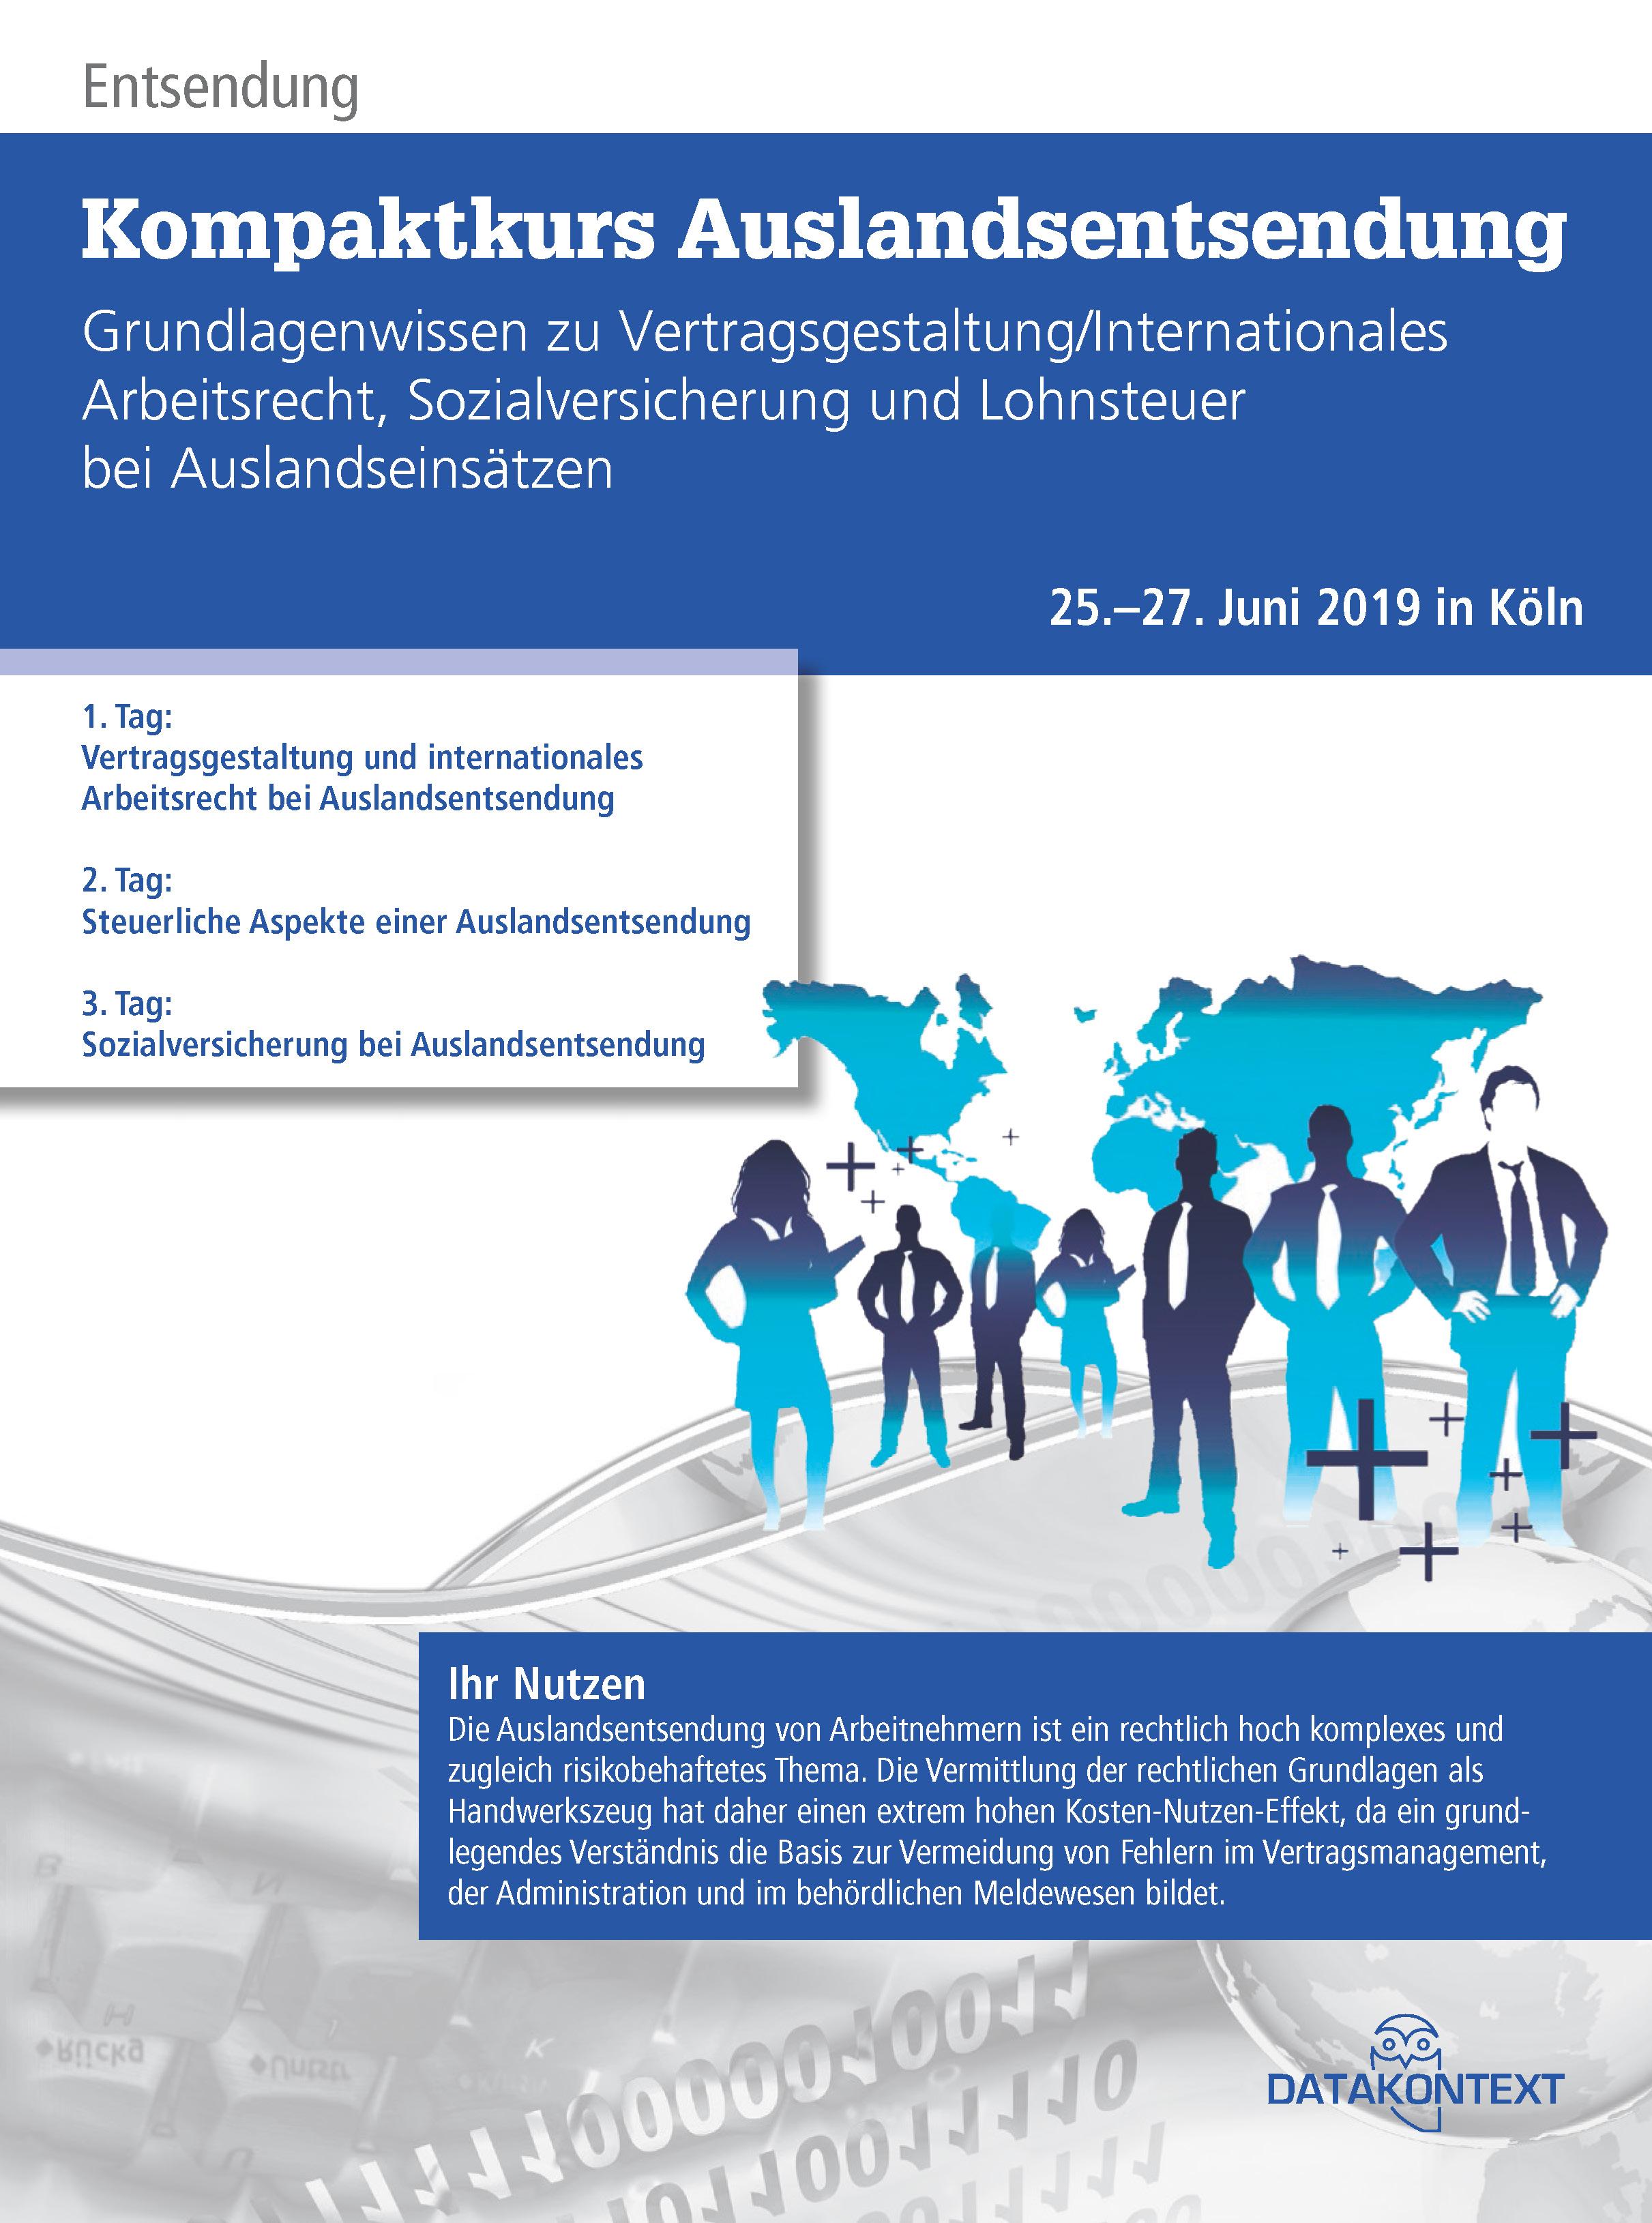 Vertragsgestaltung und internationales Arbeitsrecht bei Auslandsentsendung